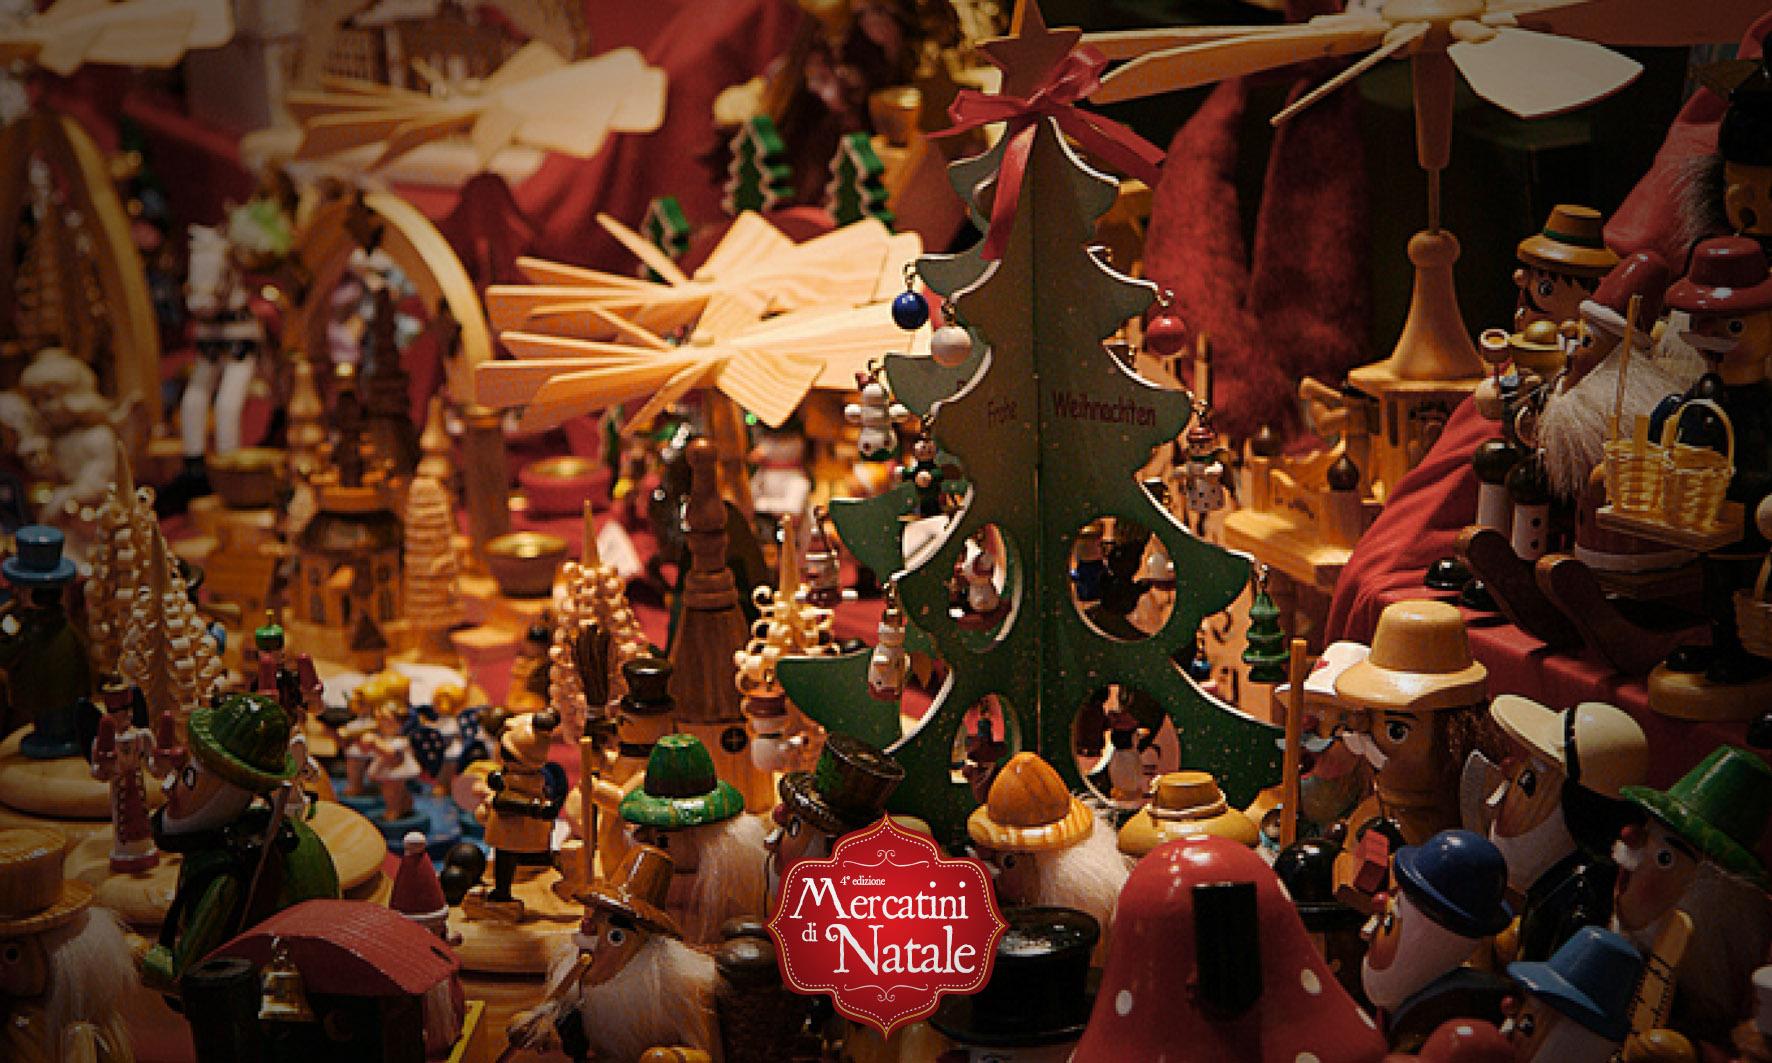 Dall'8 Dicembre torna la magia dei Mercatini di Natale a Chiusi della Verna (AR)